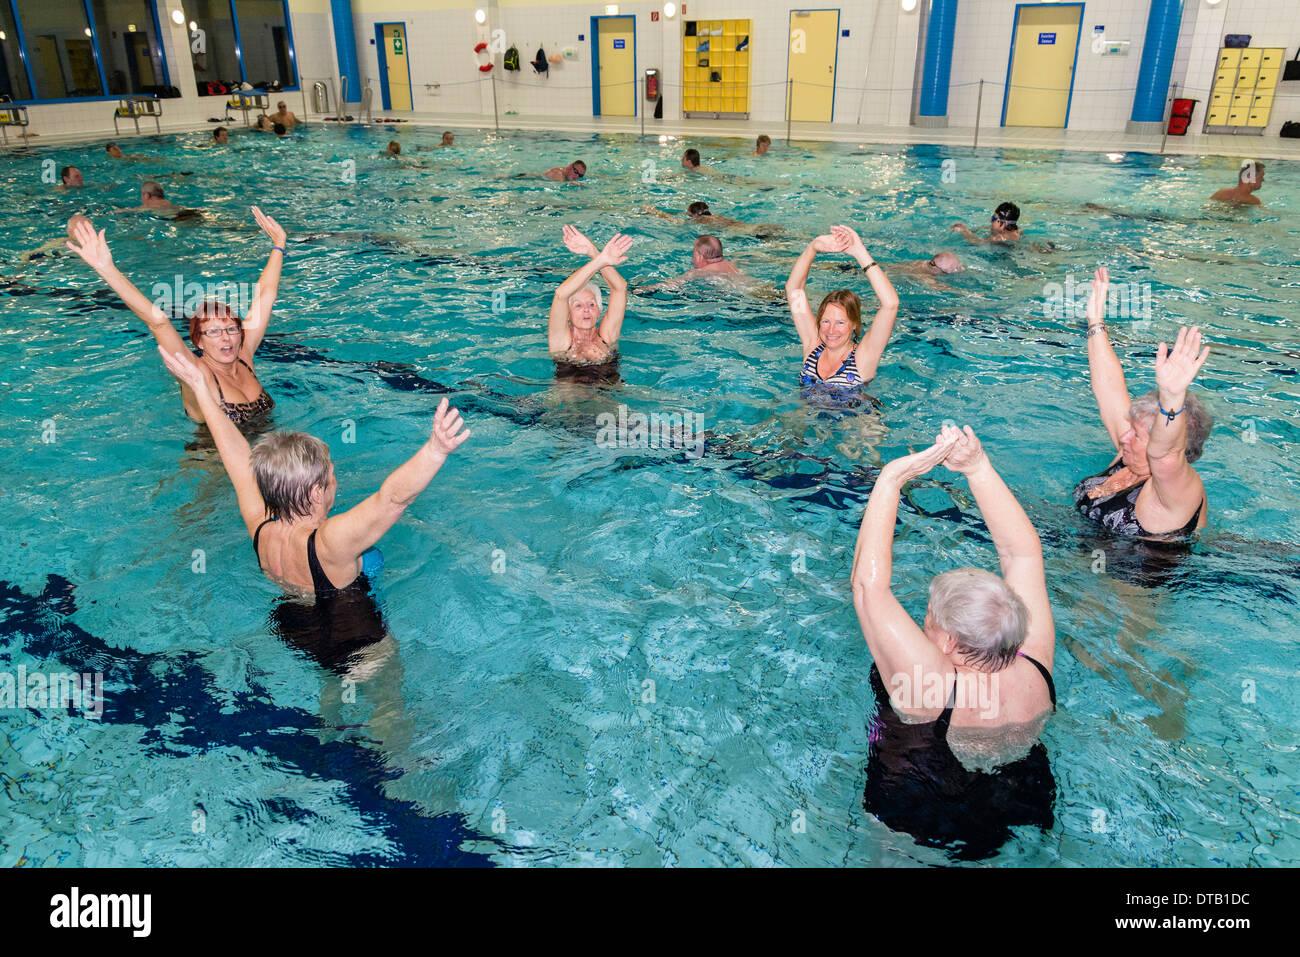 Un groupe de femmes de l'eau pratiques la gymnastique dans une piscine. Photo Stock